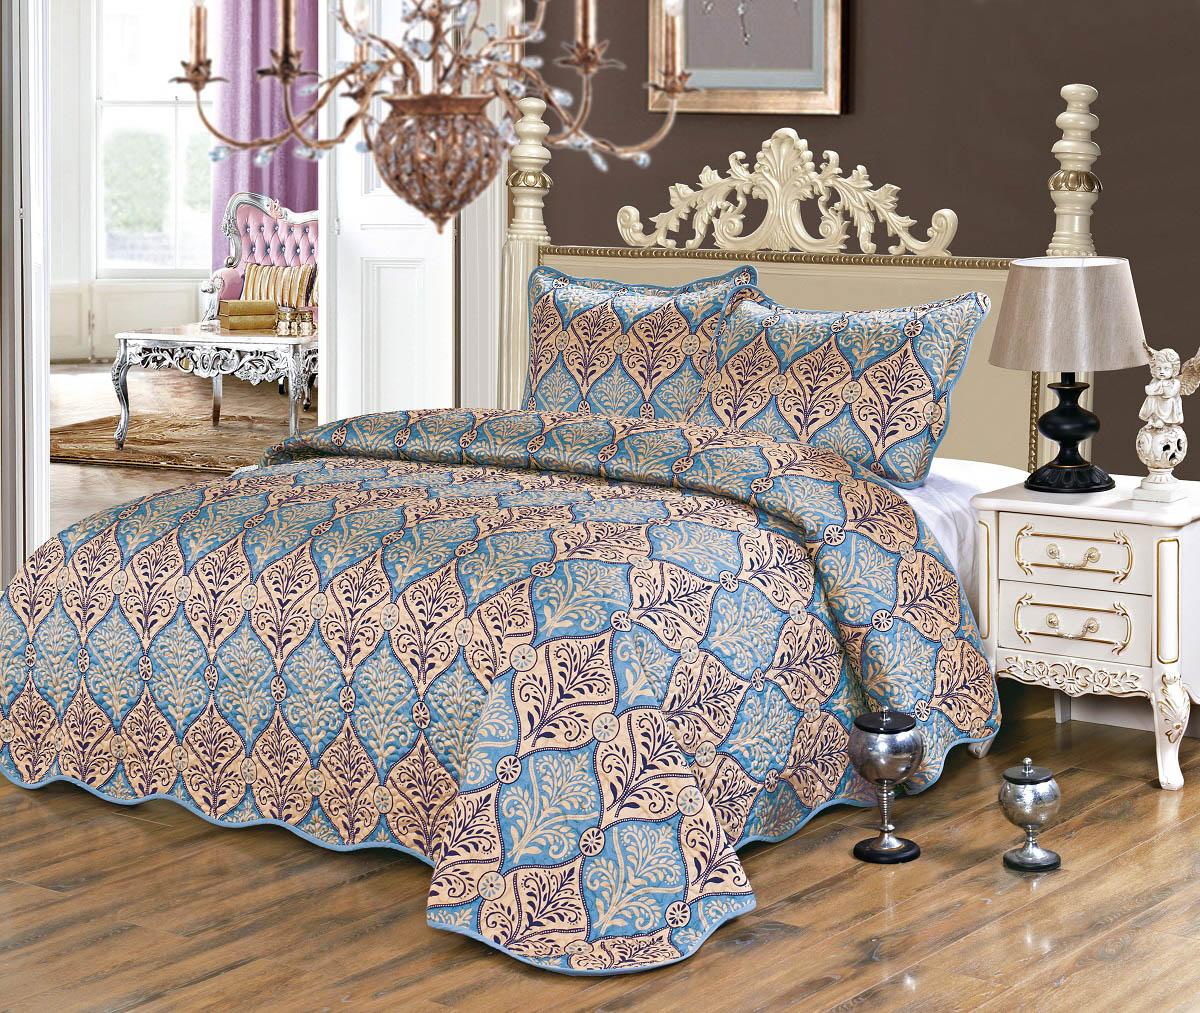 Покрывало Karna Покрывало Gretal Sultan (230х250 см) покрывало karna покрывало evony цвет пудра 240х260 см